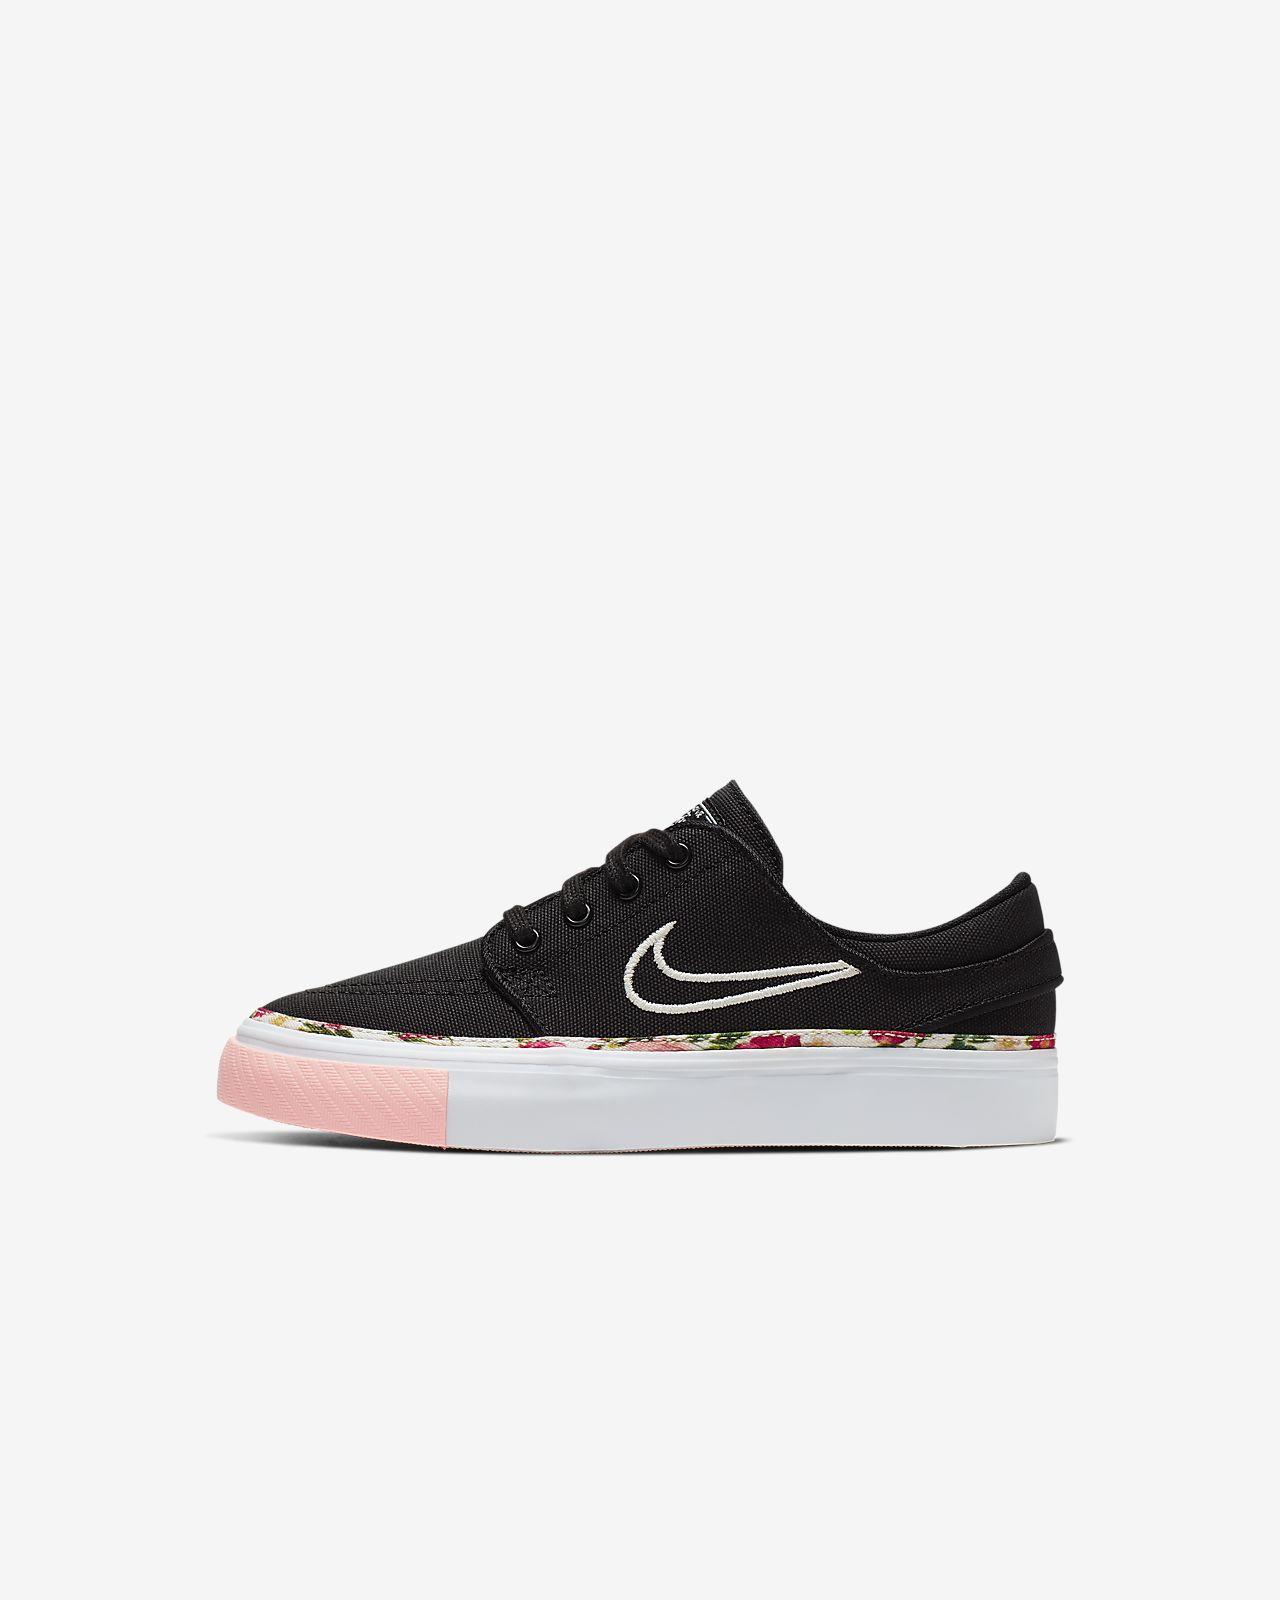 Chaussure de skateboard Nike SB Stefan Janoski VF pour Jeune enfant